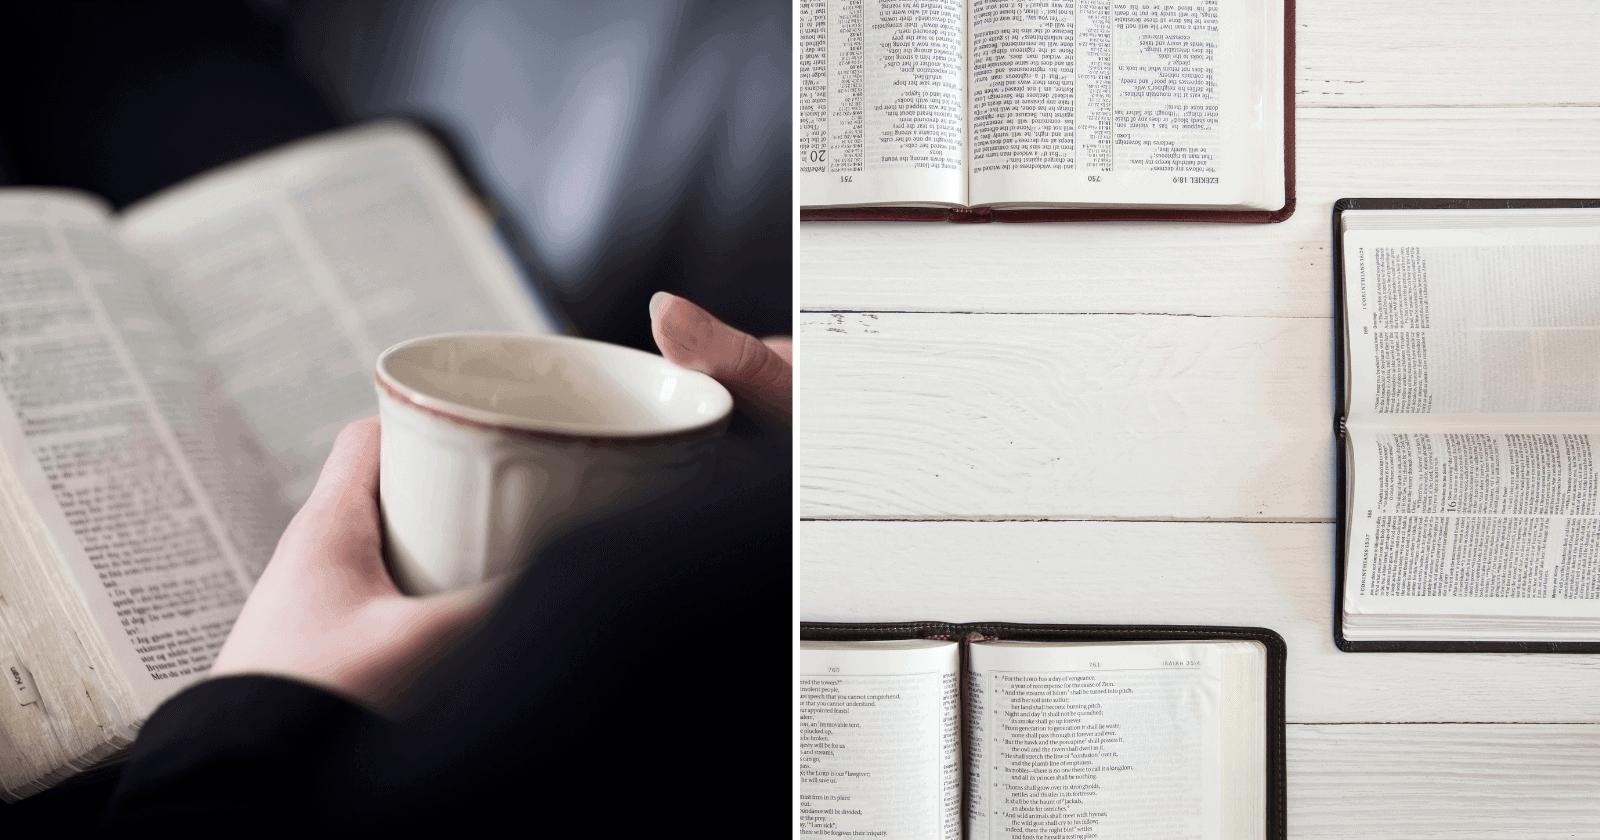 NÃO DESISTA AGORA! 28 versículos para não te deixar desistir de lutar!